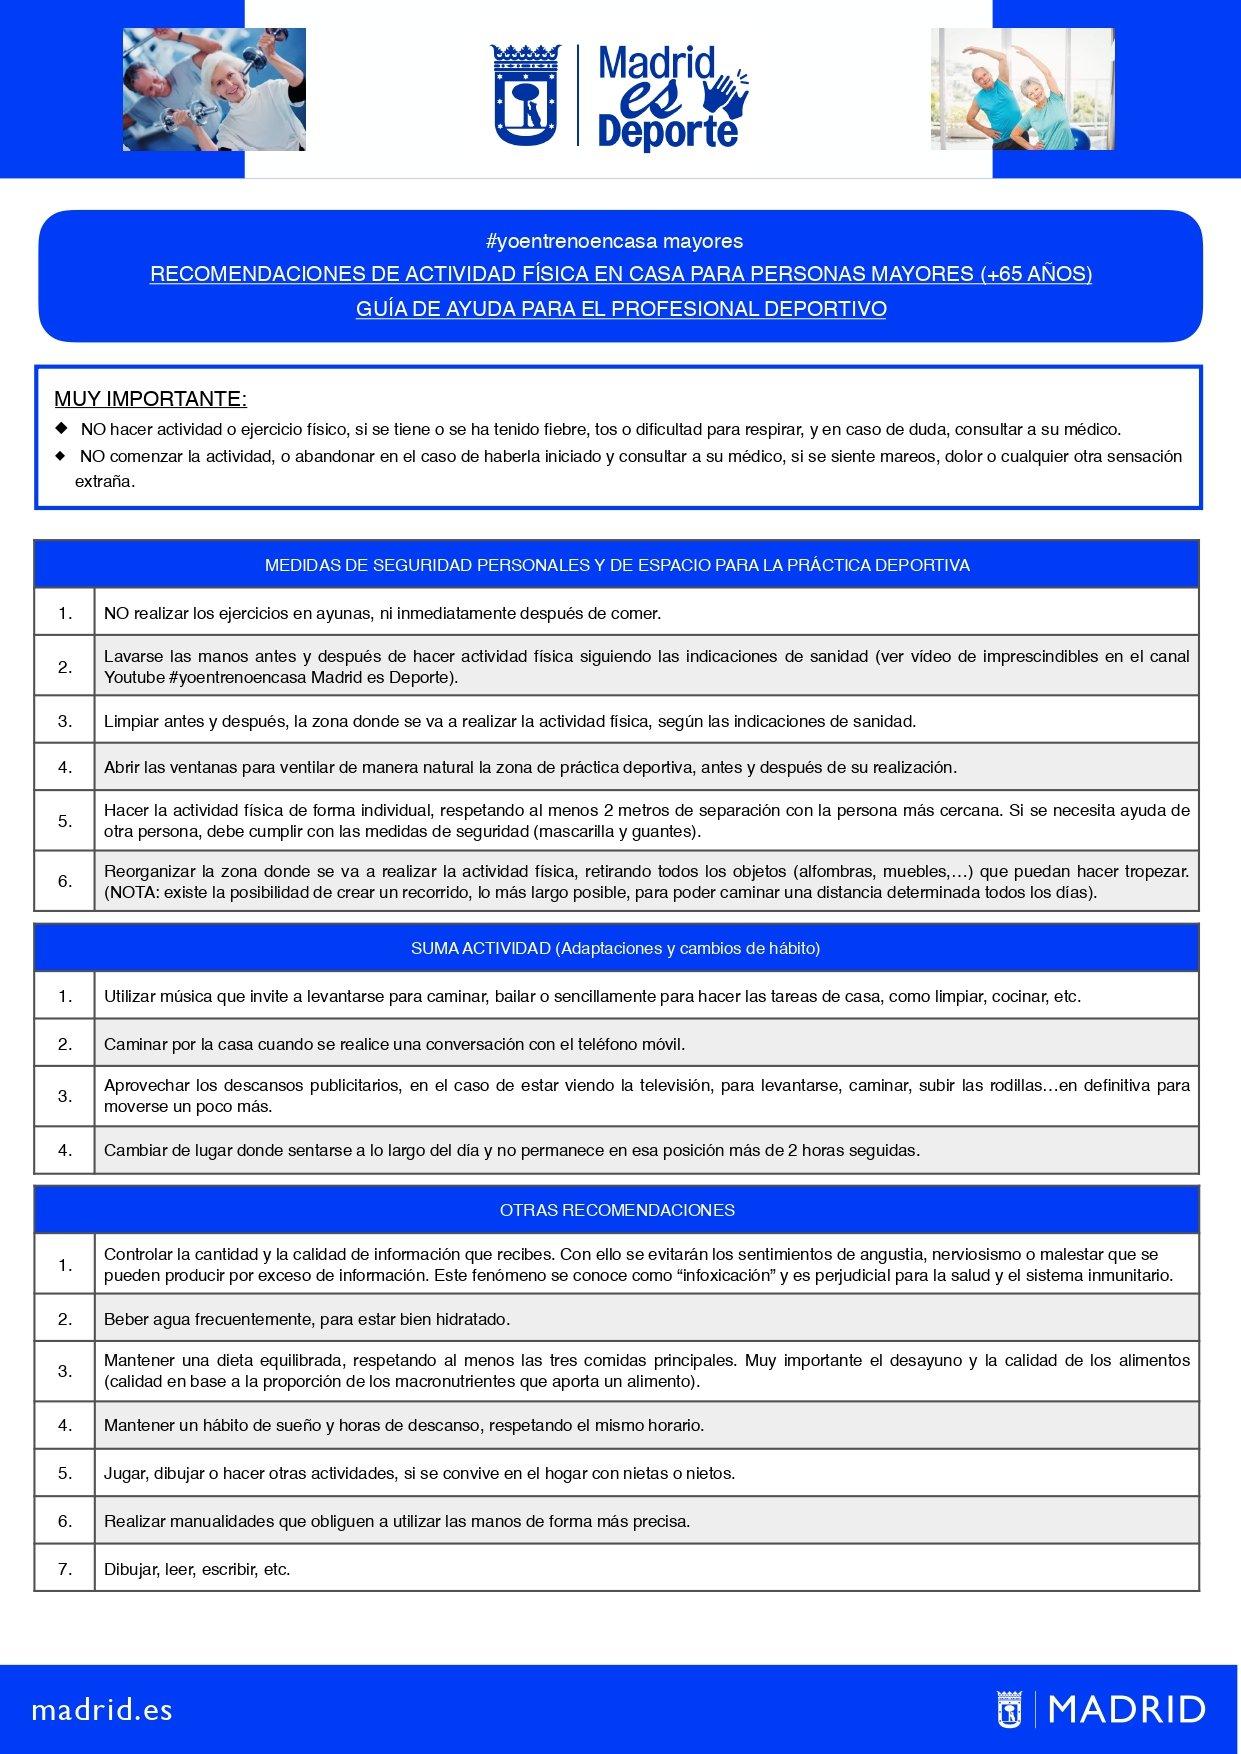 RECOMENDACIONES-DE-ACTIVIDAD-FÍSICA-EN-CASA-PARA-MAYORES